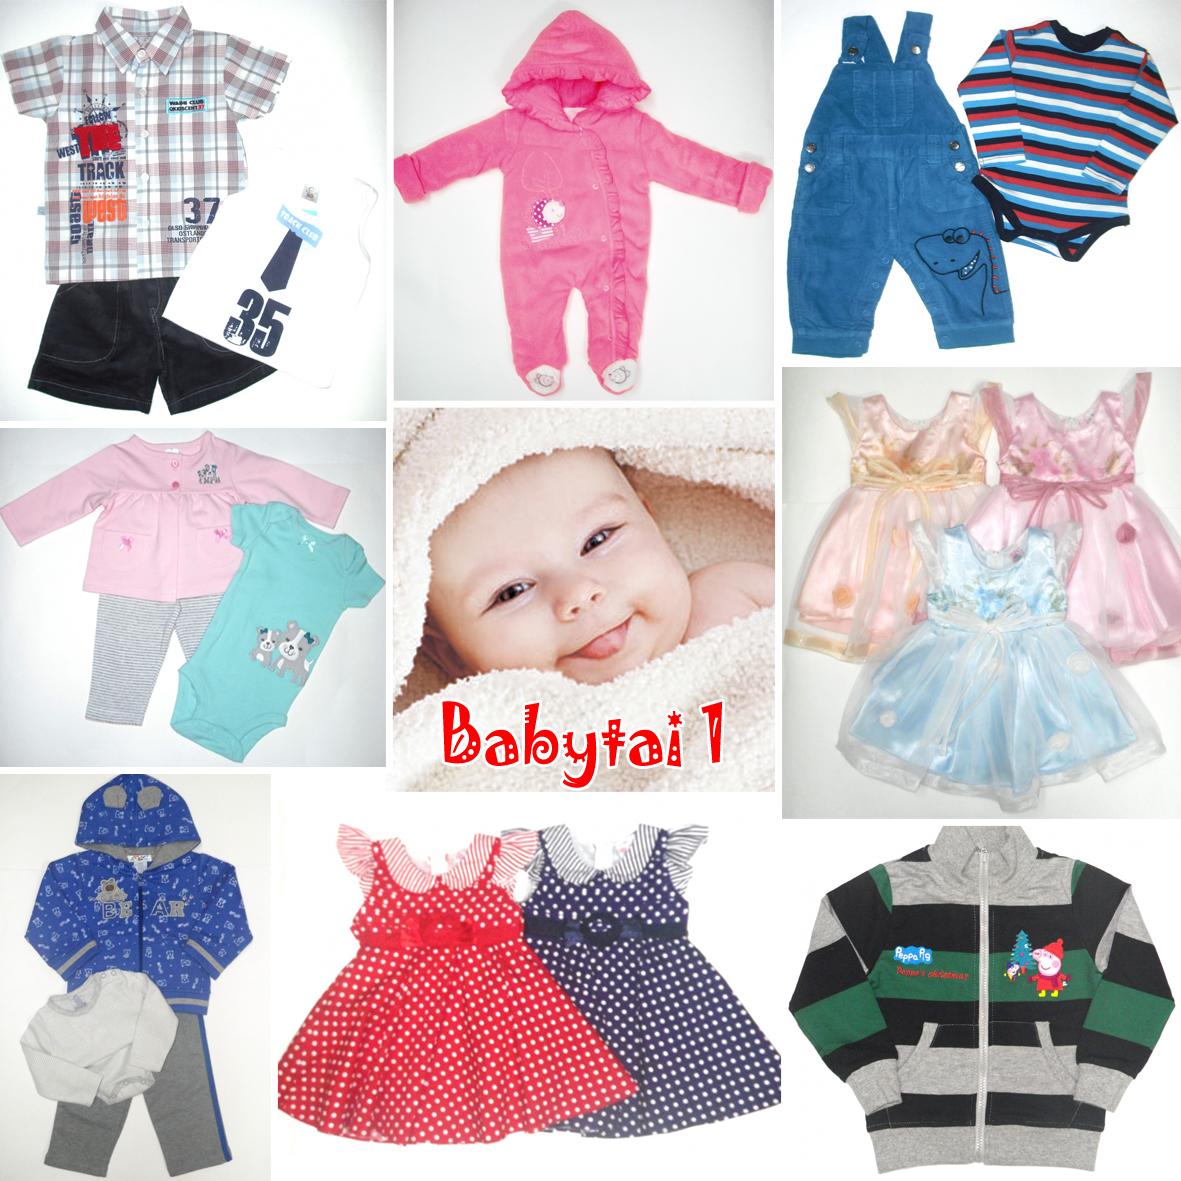 Сбор заказов. Babytai - большой выбор детской одежды от 0 и старше. Утепленные костюмы для малышей. Праздничные платья. Распродажа: все по 200, 300, 400 рублей. Выкуп 1